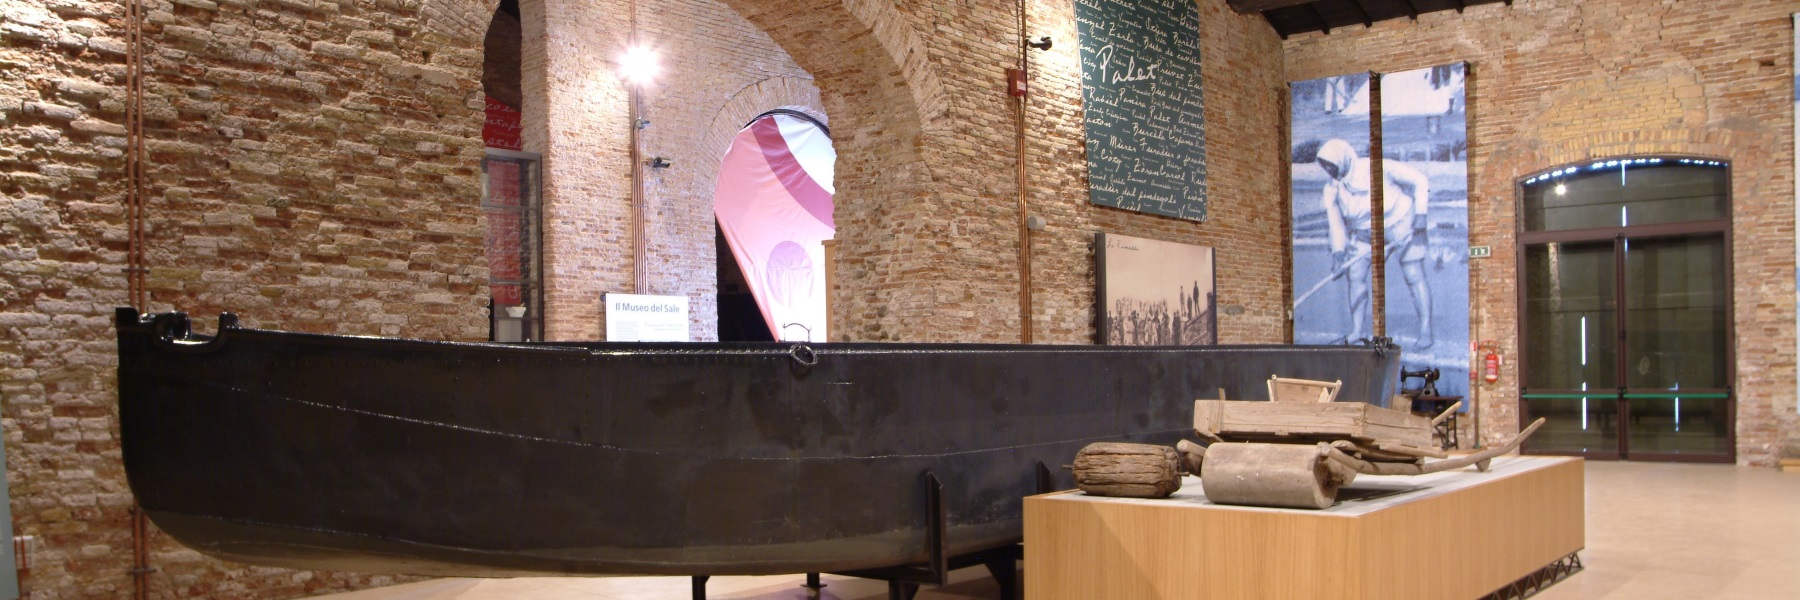 Visites guidées à Musa (Musée du Sel) en italien